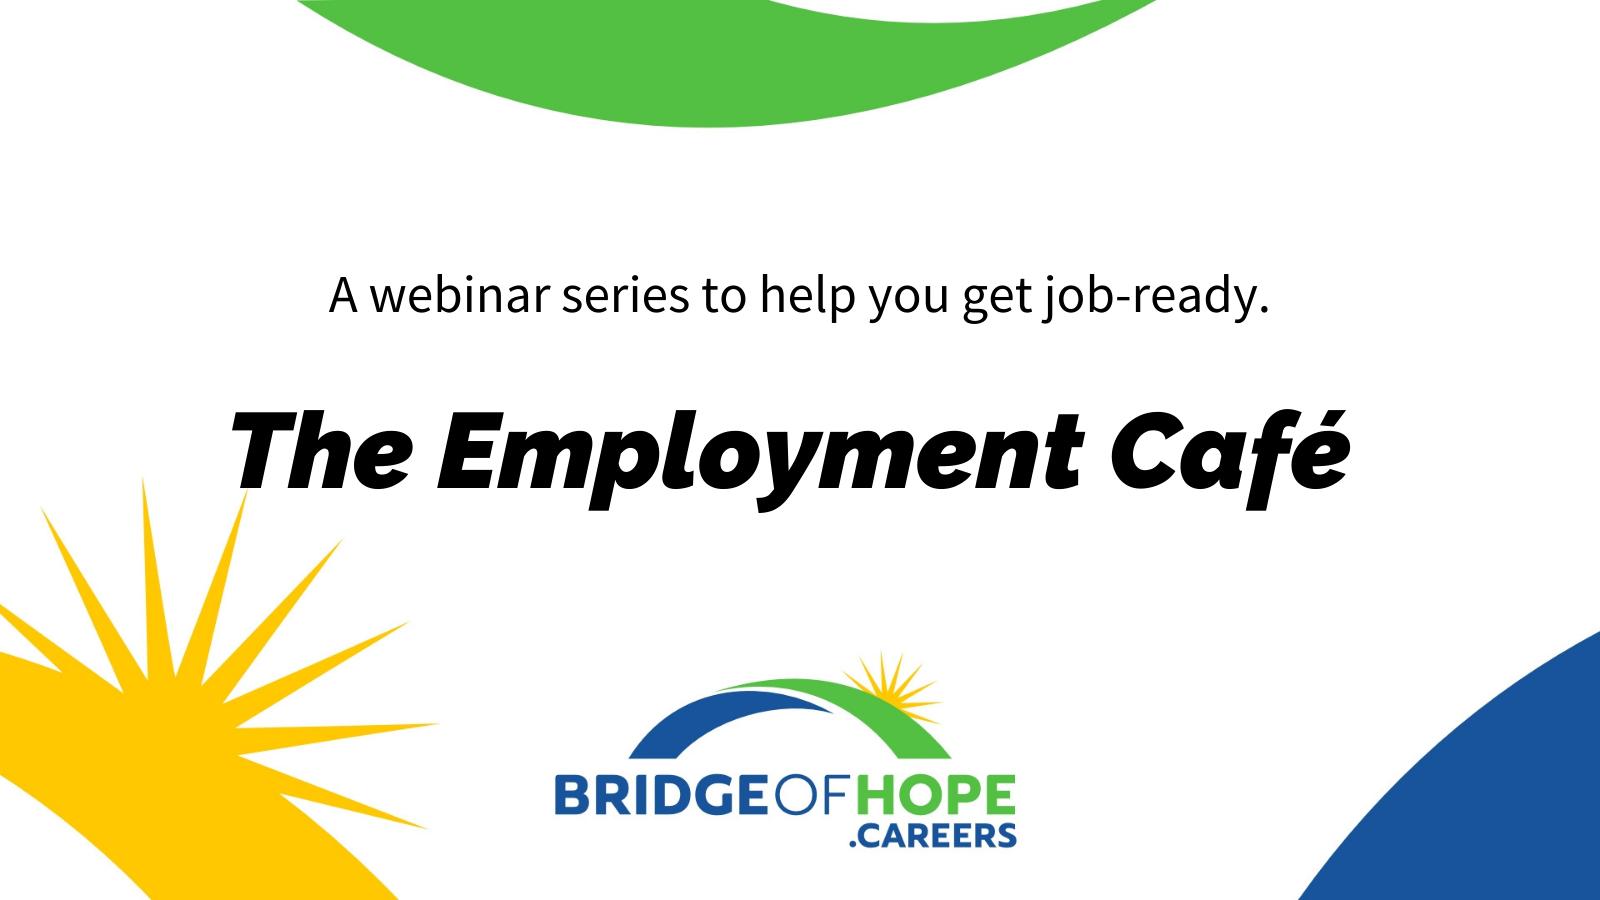 Employment Cafe webinar series